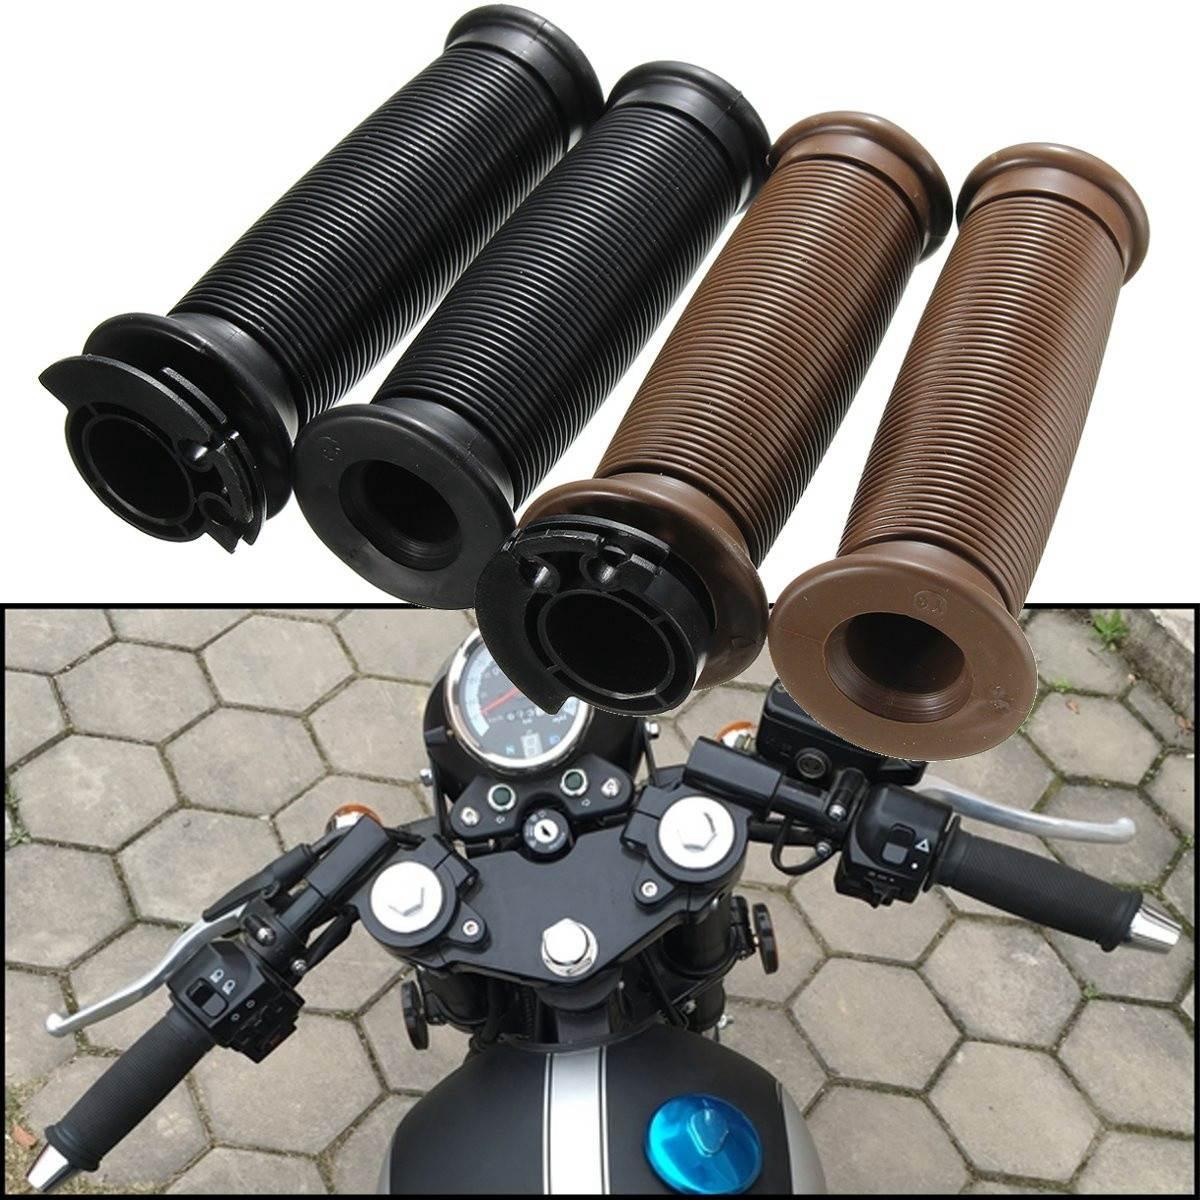 moto custom manopole-acquista a poco prezzo moto custom manopole